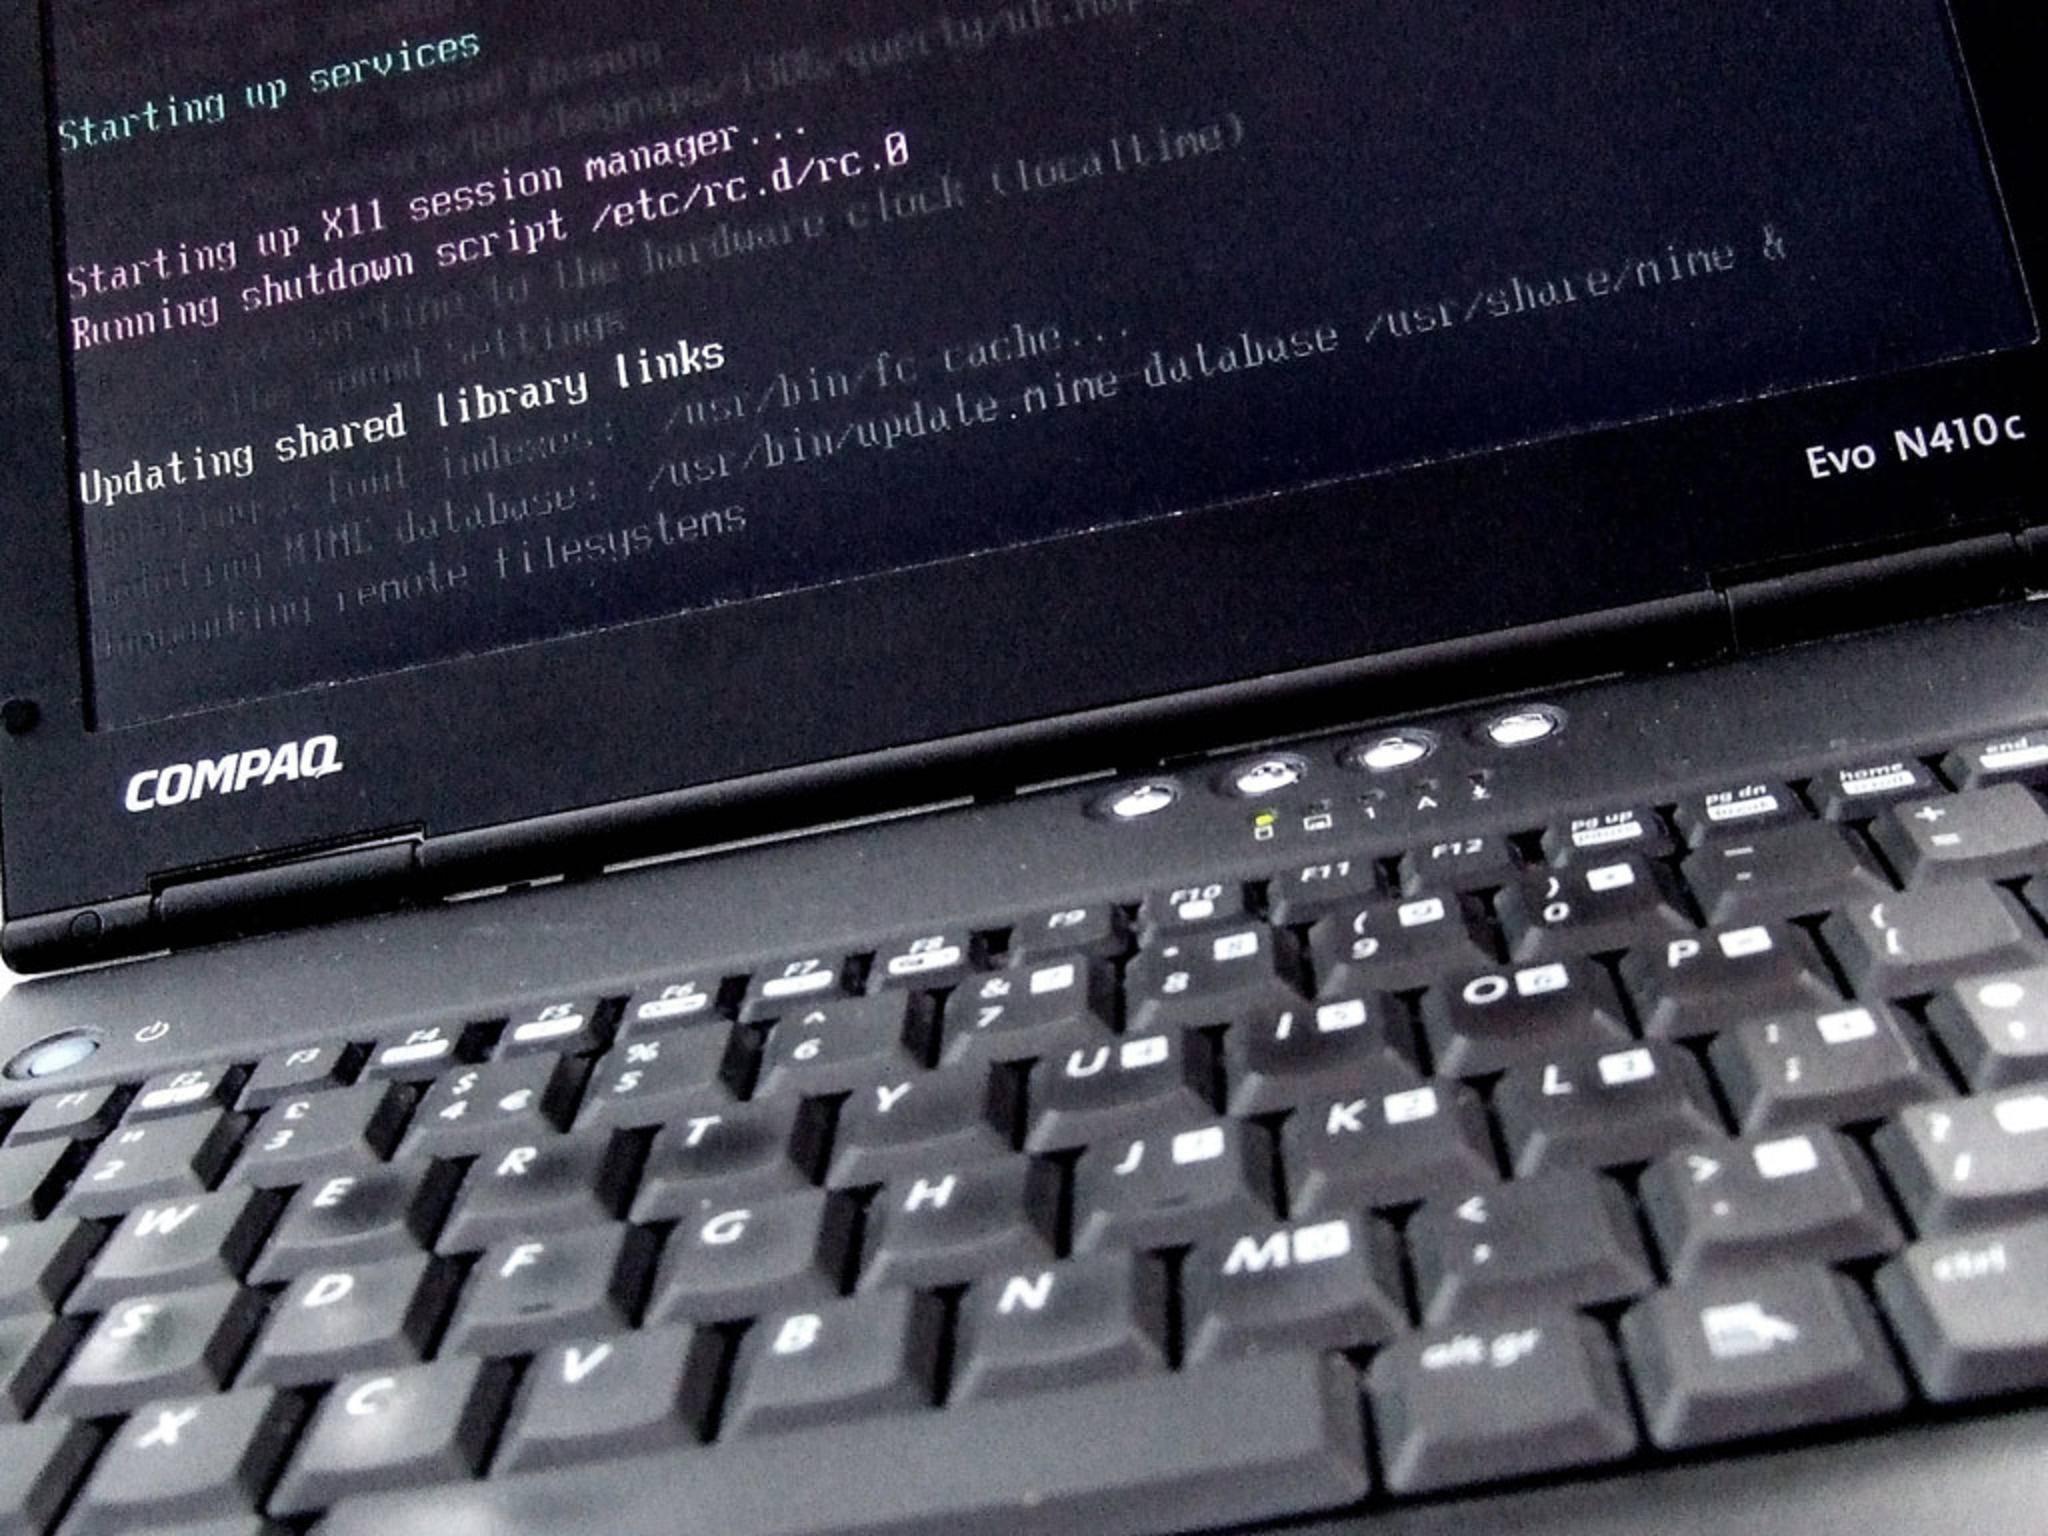 Mit nur einer Zeile Code hat ein Mann seine komplette Firma von seinem Server gelöscht.